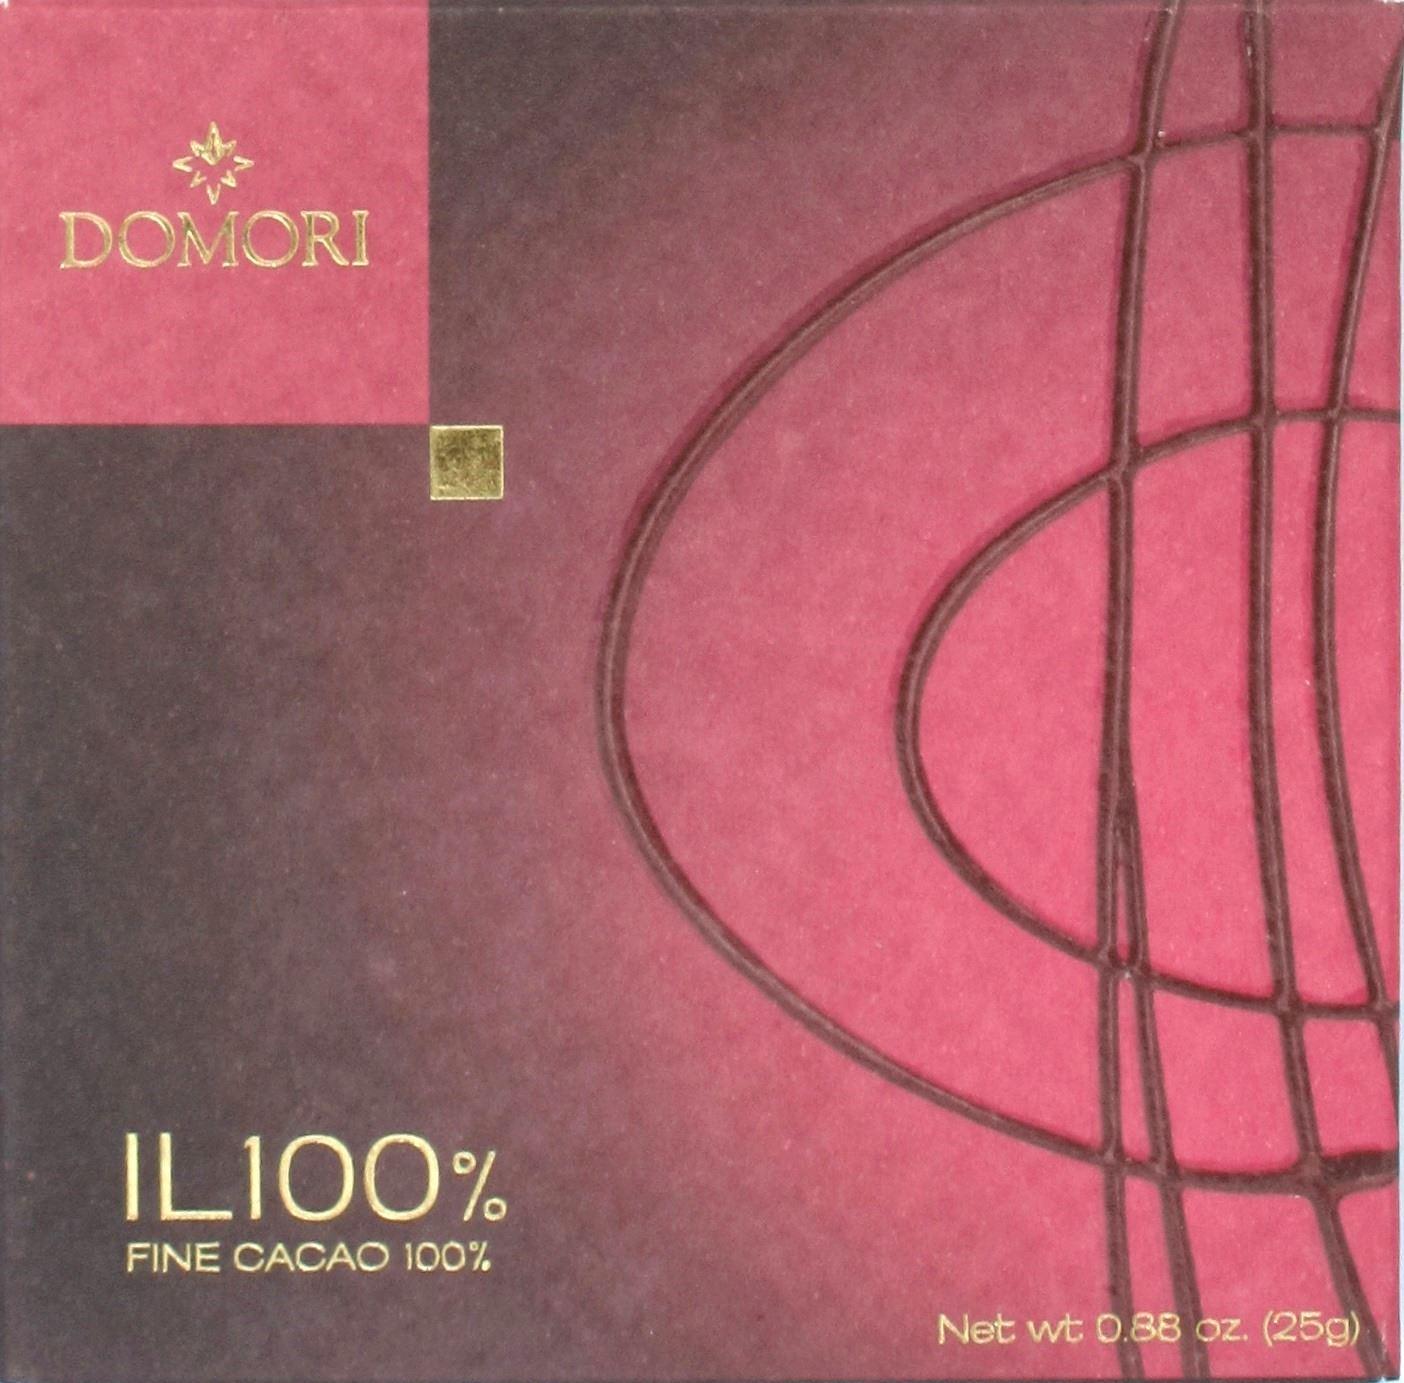 """Dunkle Domori-Schokoladenpackung """"il 100%"""""""